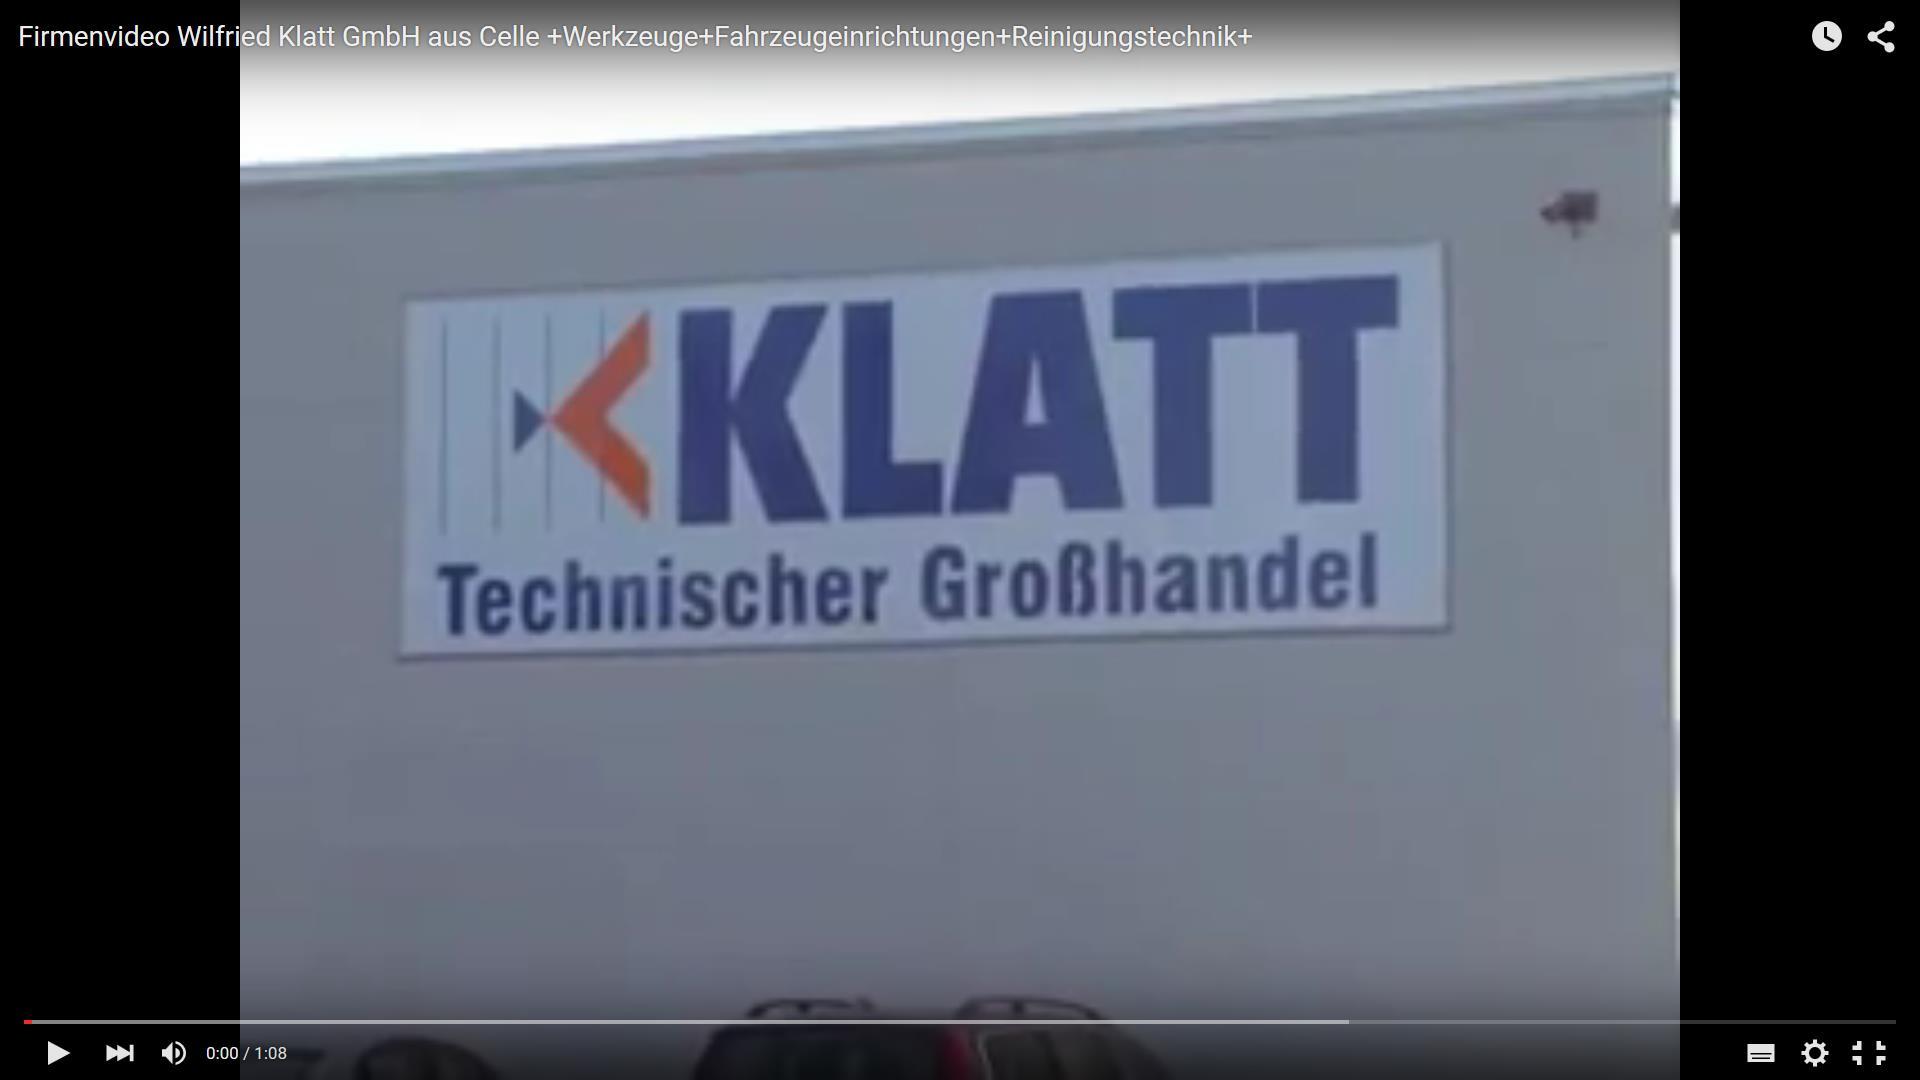 Firmenvideo Klatt GmbH